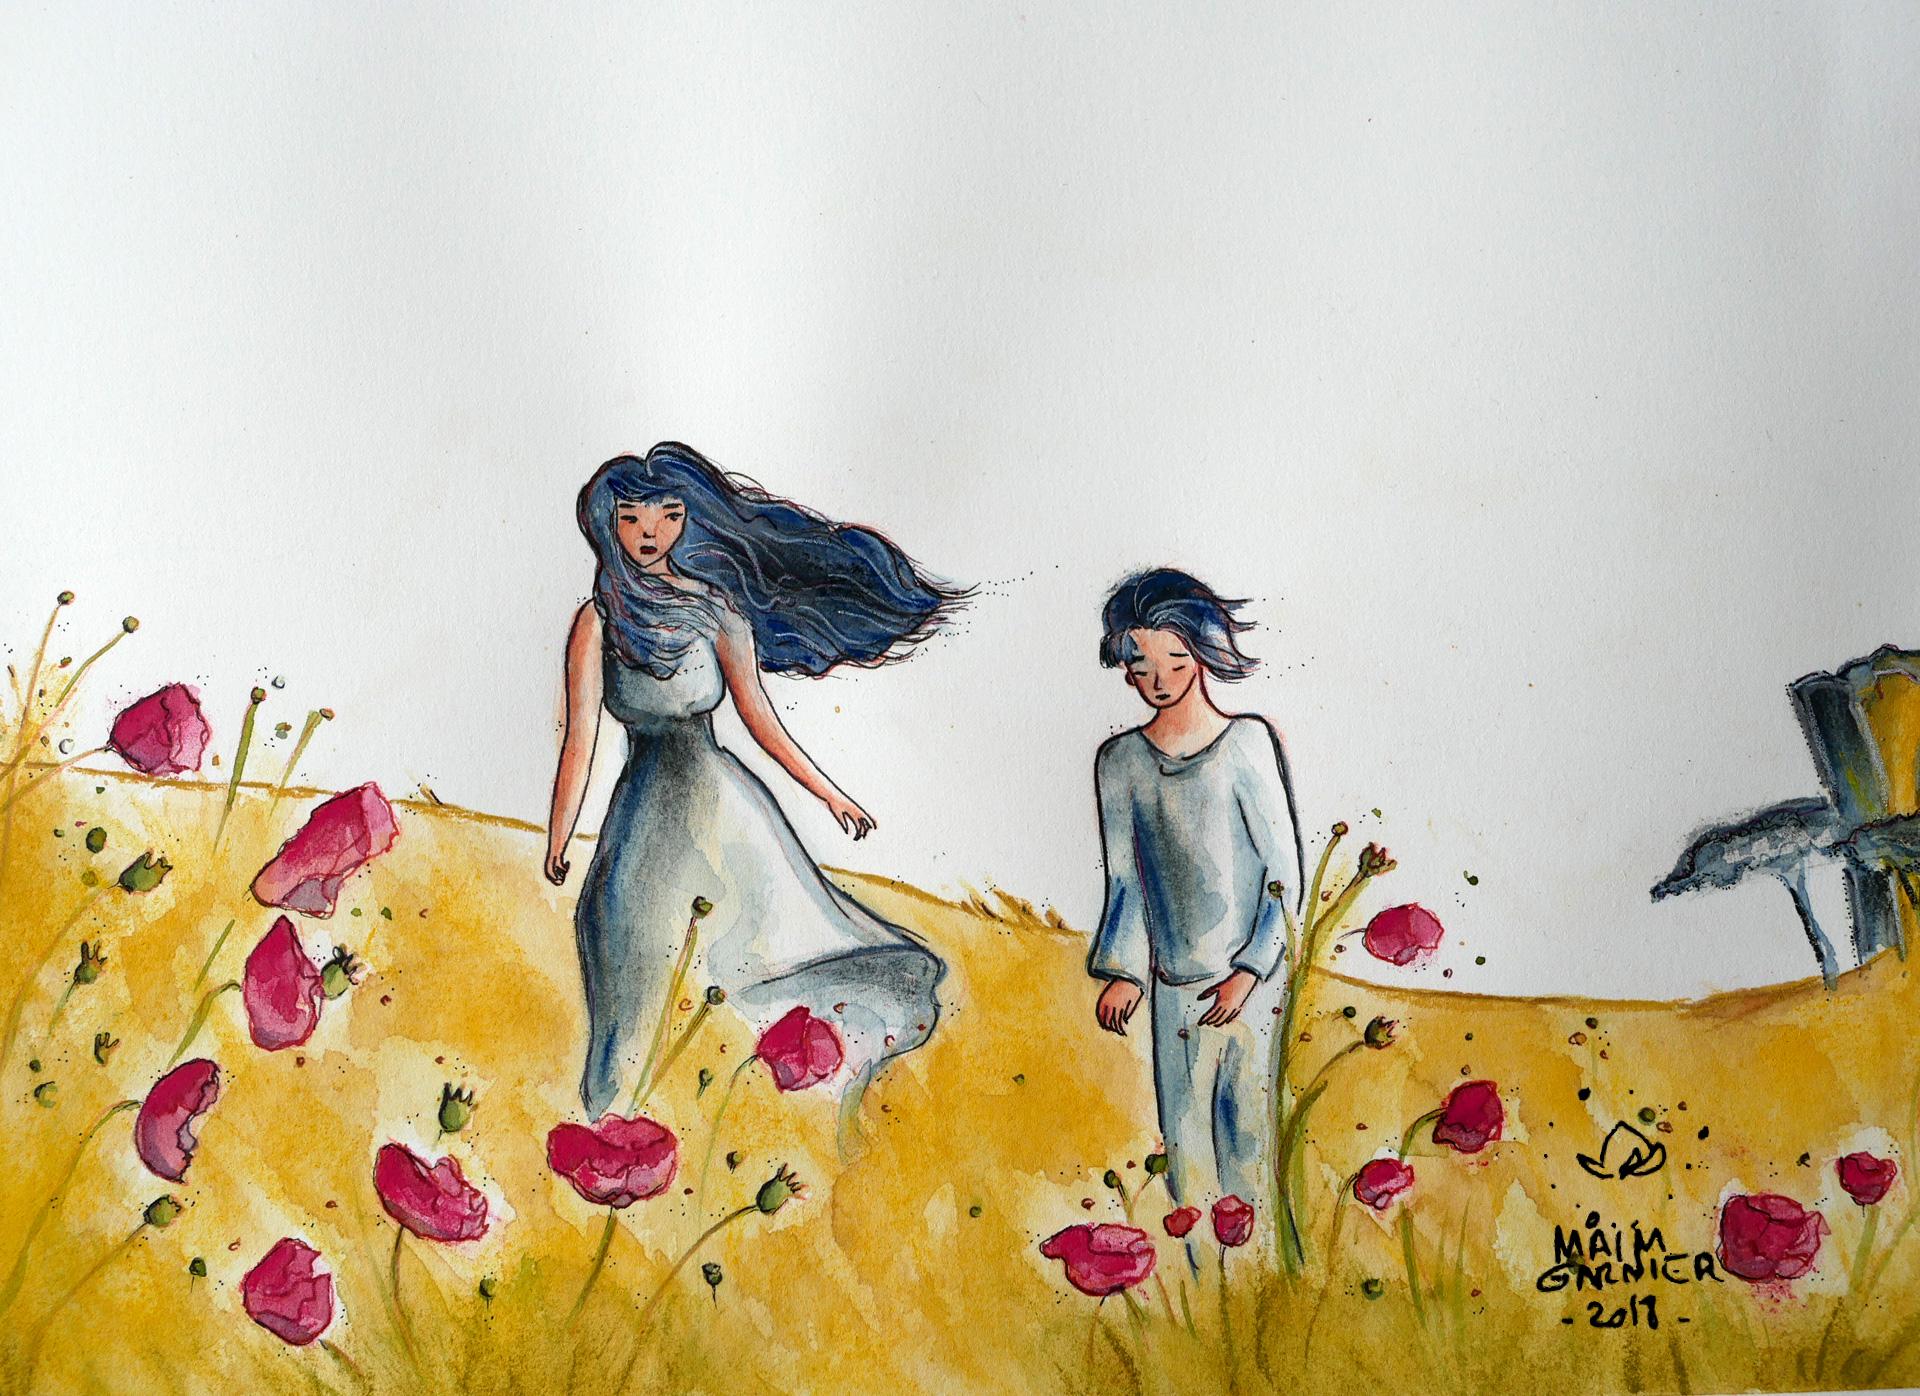 Vid\u00e9o et article le Jour des coquelicots Illustration aquarelle \u00e0 d\u00e9couvrir sur Sansible ~ Ma\u00efm Garnier